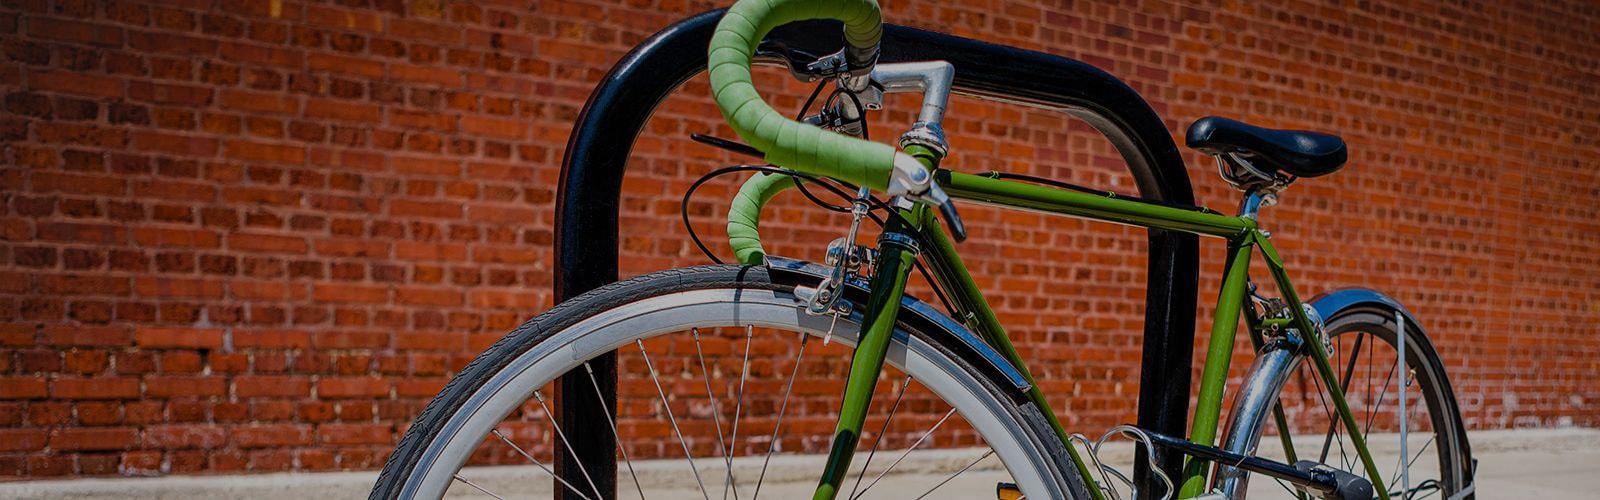 Shop Bike Racks